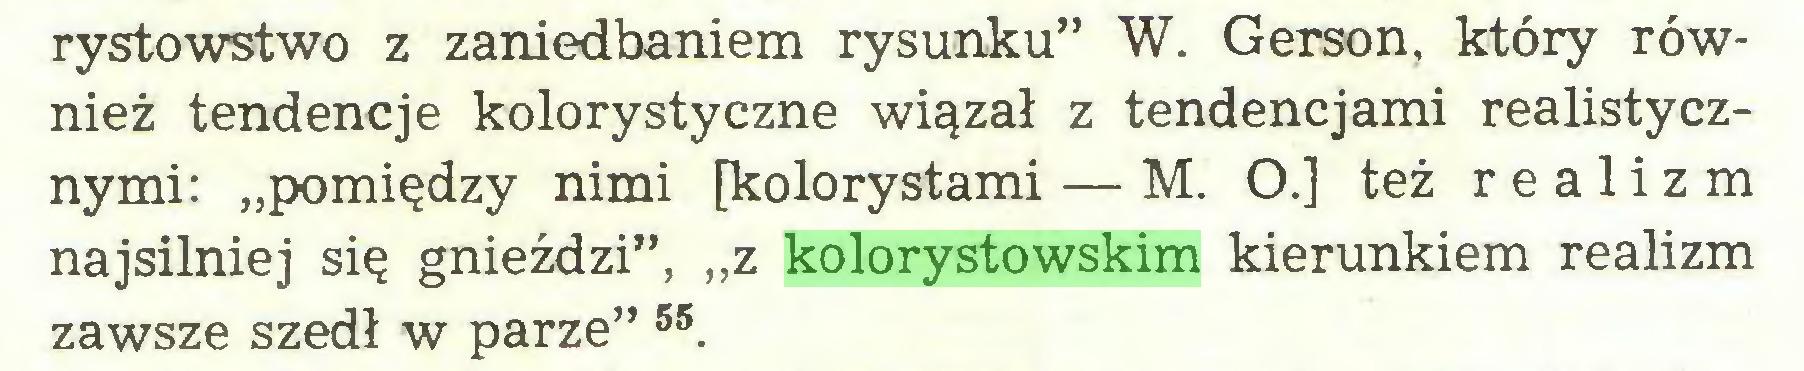 """(...) rystowstwo z zaniedbaniem rysunku"""" W. Gerson, który również tendencje kolorystyczne wiązał z tendencjami realistycznymi: """"pomiędzy nimi [kolorystami — M. O.] też realizm najsilniej się gnieździ"""", """"z kolorystowskim kierunkiem realizm zawsze szedł w parze"""" 55..."""